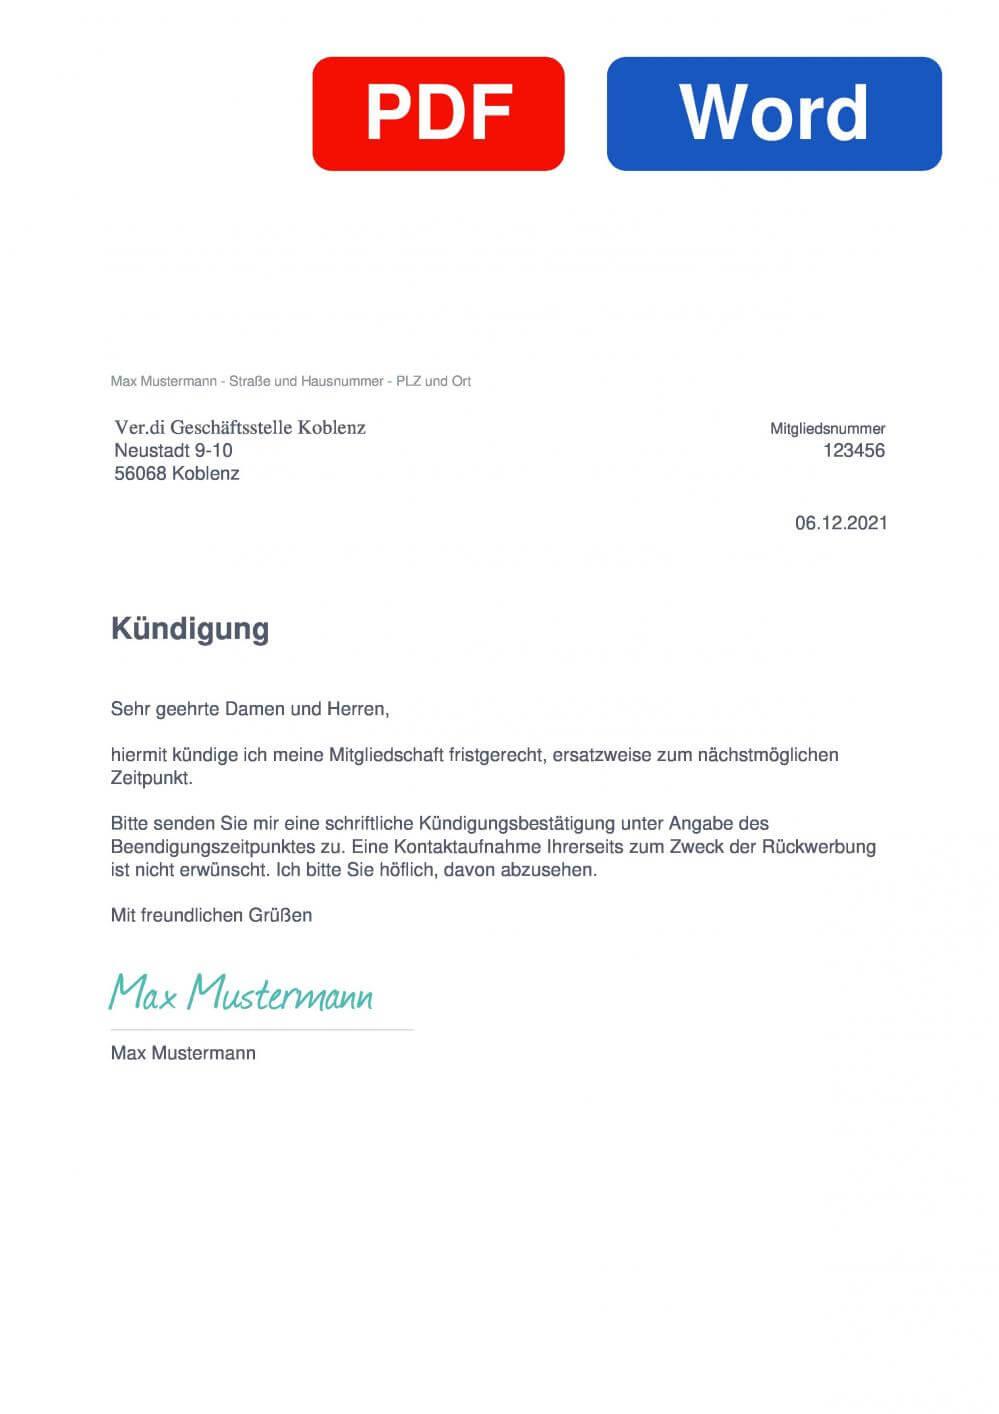 Verdi Koblenz Muster Vorlage für Kündigungsschreiben